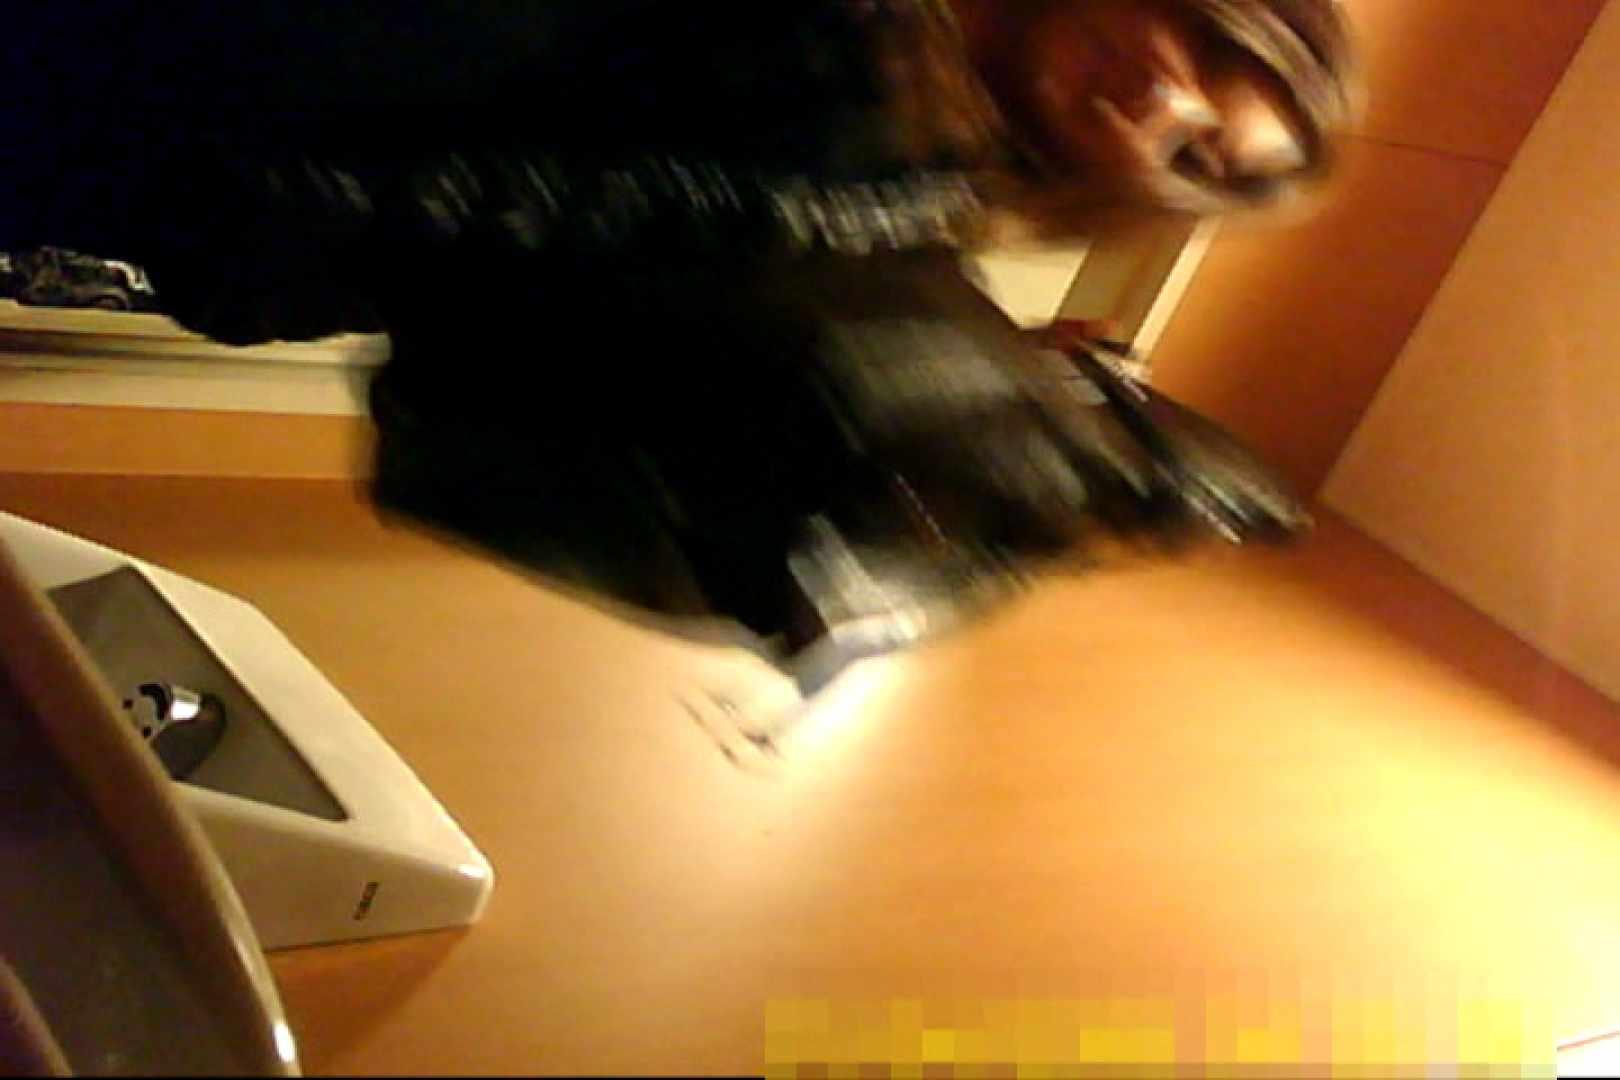 魅惑の化粧室~禁断のプライベート空間~33 洗面所 | プライベート映像  99pic 93